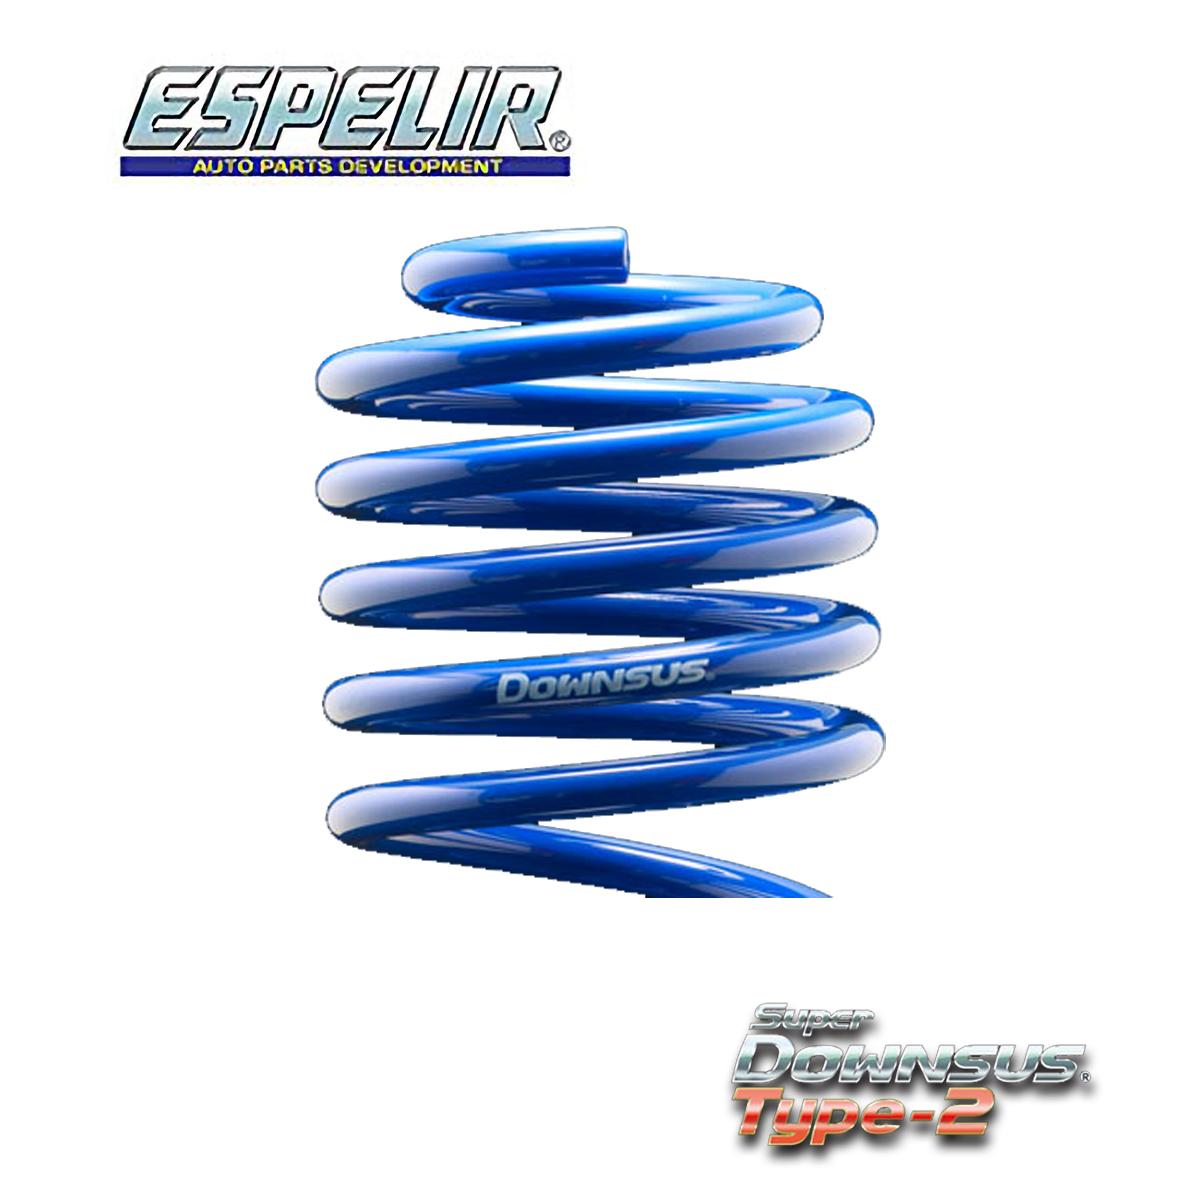 エスペリア カローラフィールダー NRE161G 1.5G/1.5G WxB/1.5X スプリング ダウンサス 1台分 EST-3932 スーパーダウンサス タイプ2 Super DOWNSUS Type2 ESPELIR